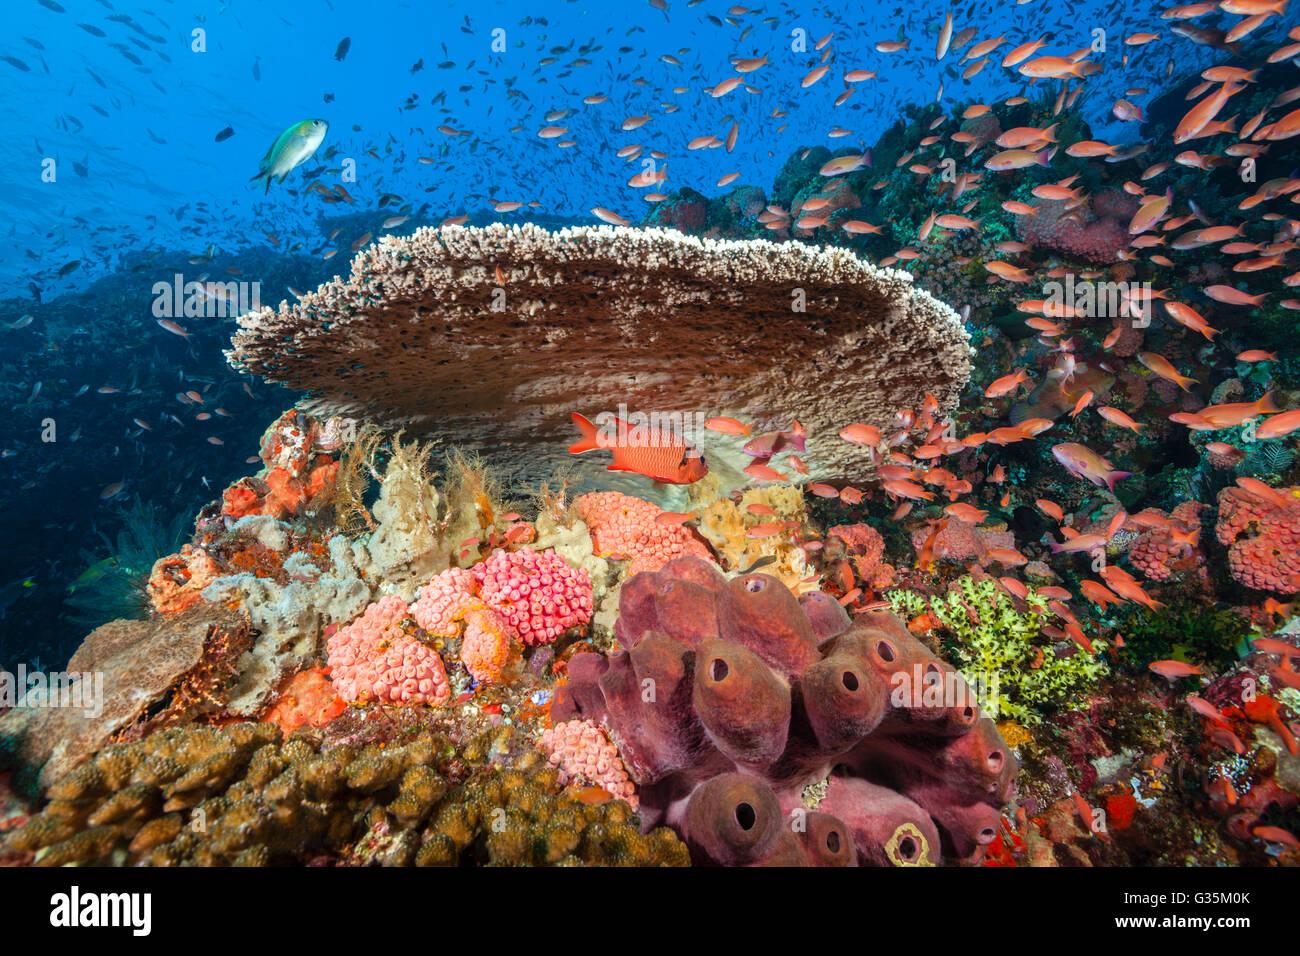 Arrecifes de coral coloreados, el Parque Nacional de Komodo (Indonesia) Imagen De Stock